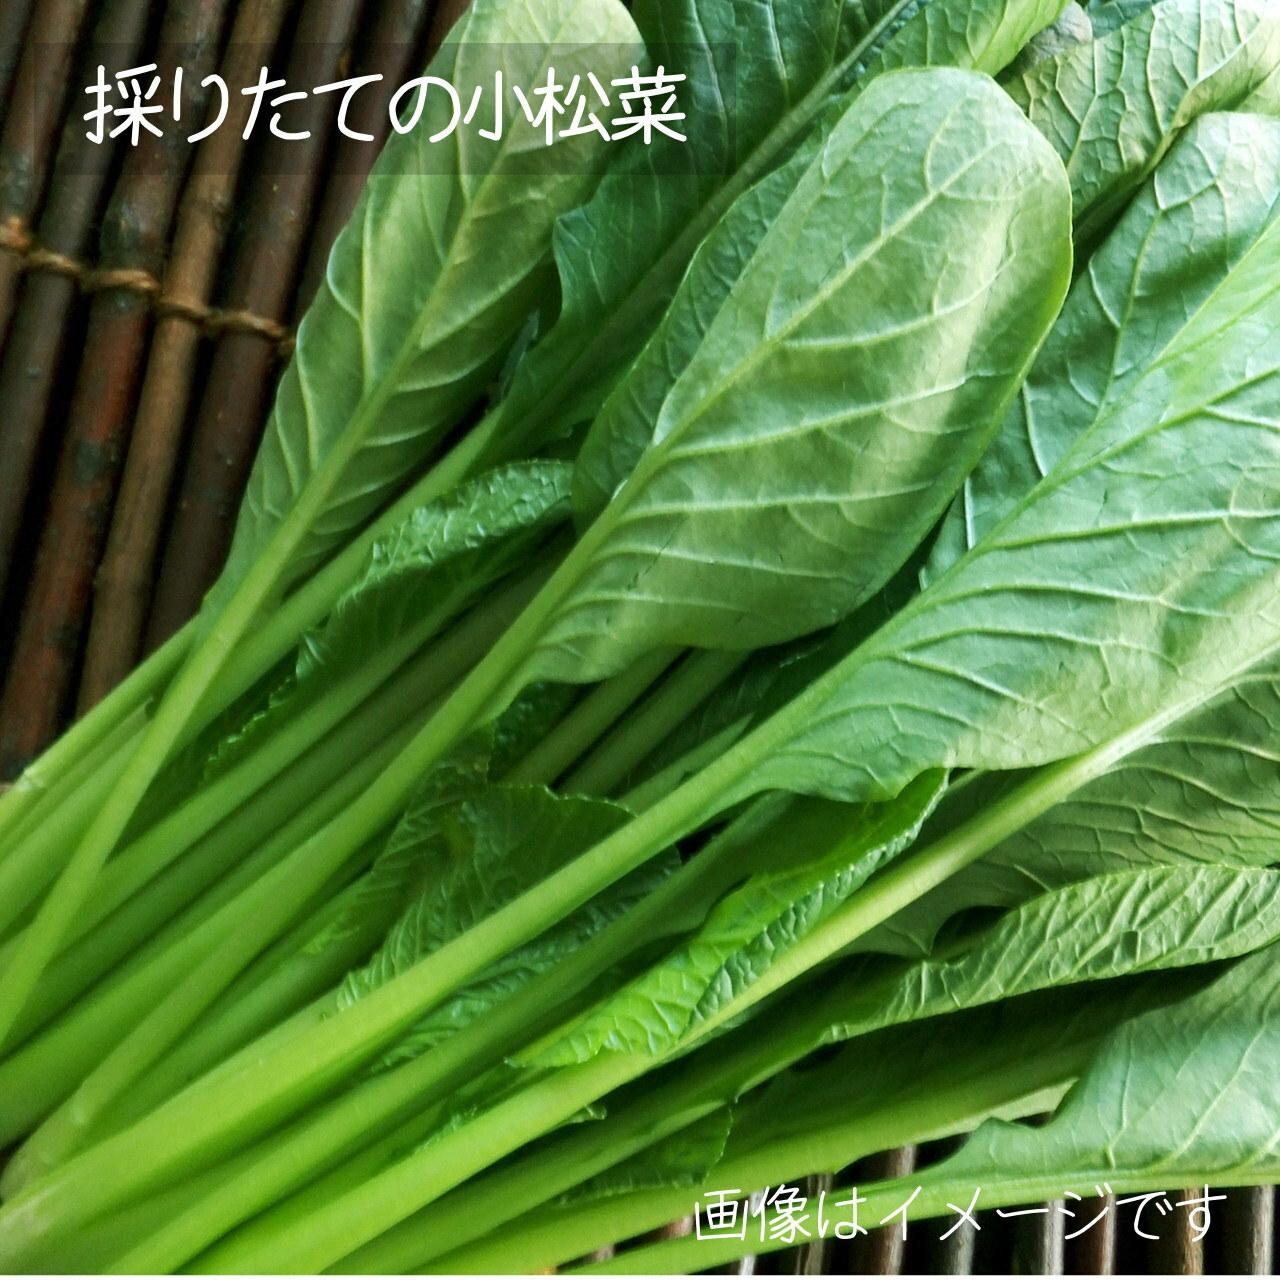 8月の朝採り直売野菜 : 小松菜 約200g 新鮮な夏野菜  8月22日発送予定